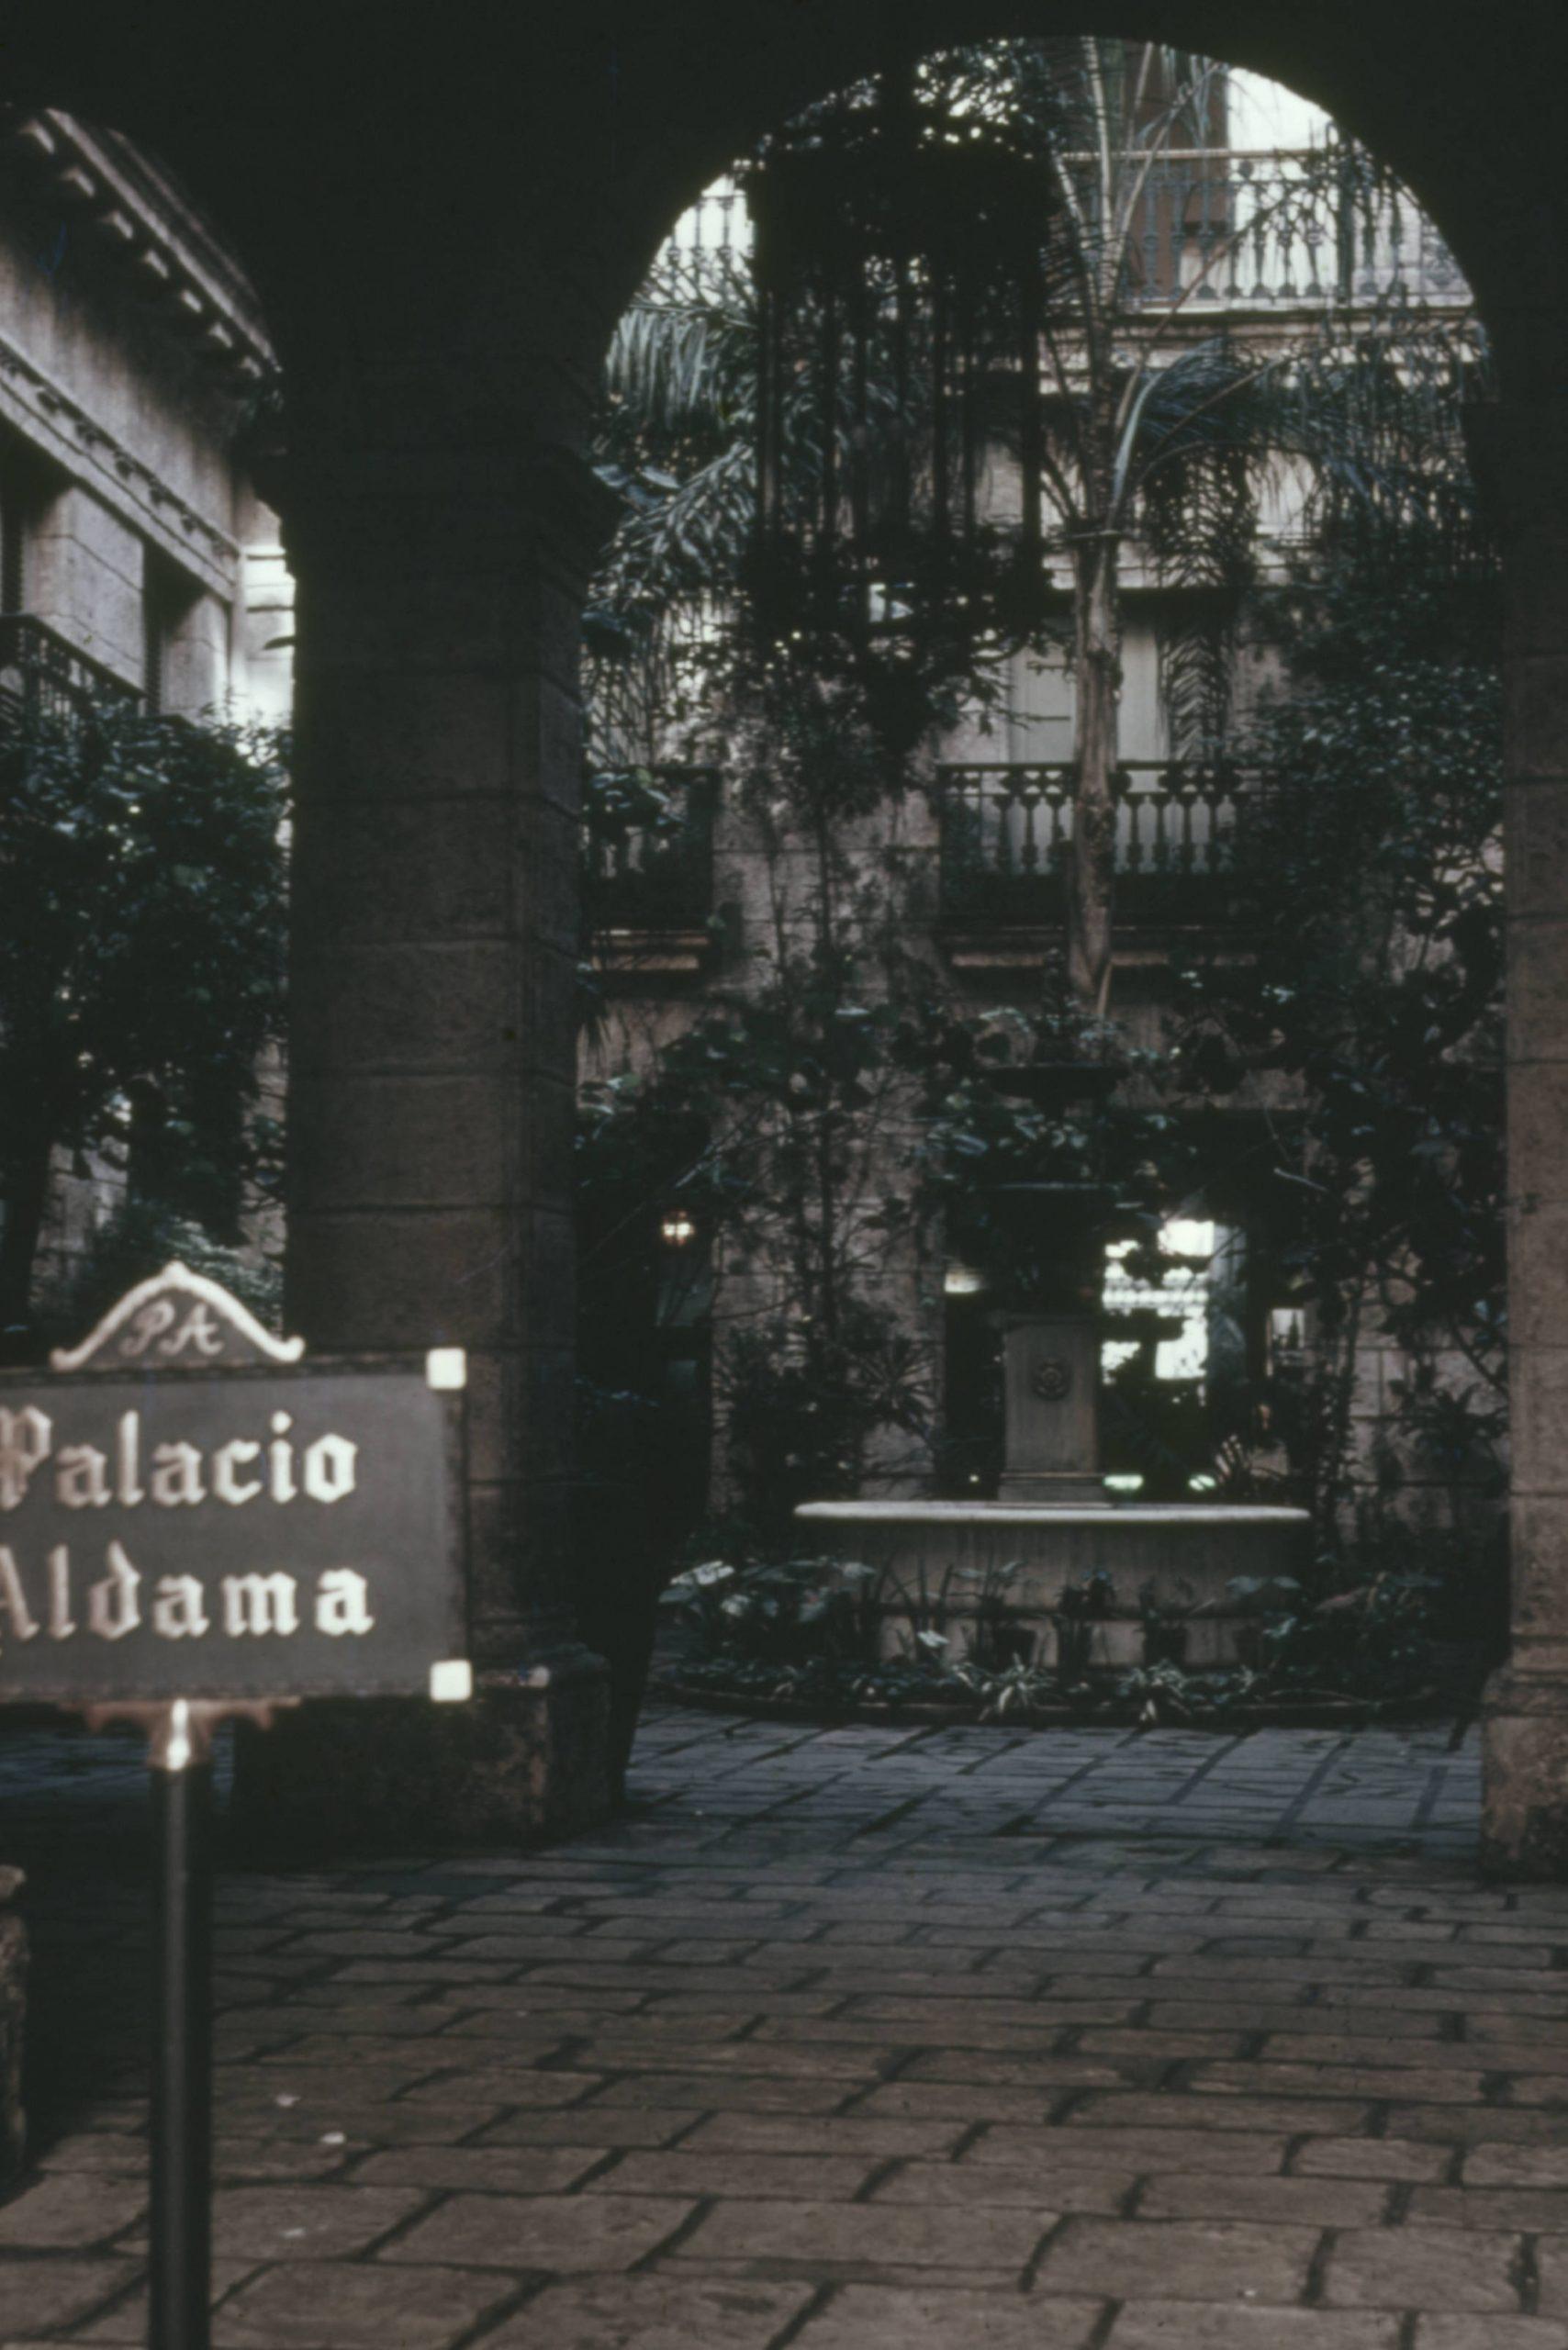 Palacio Aldama interior